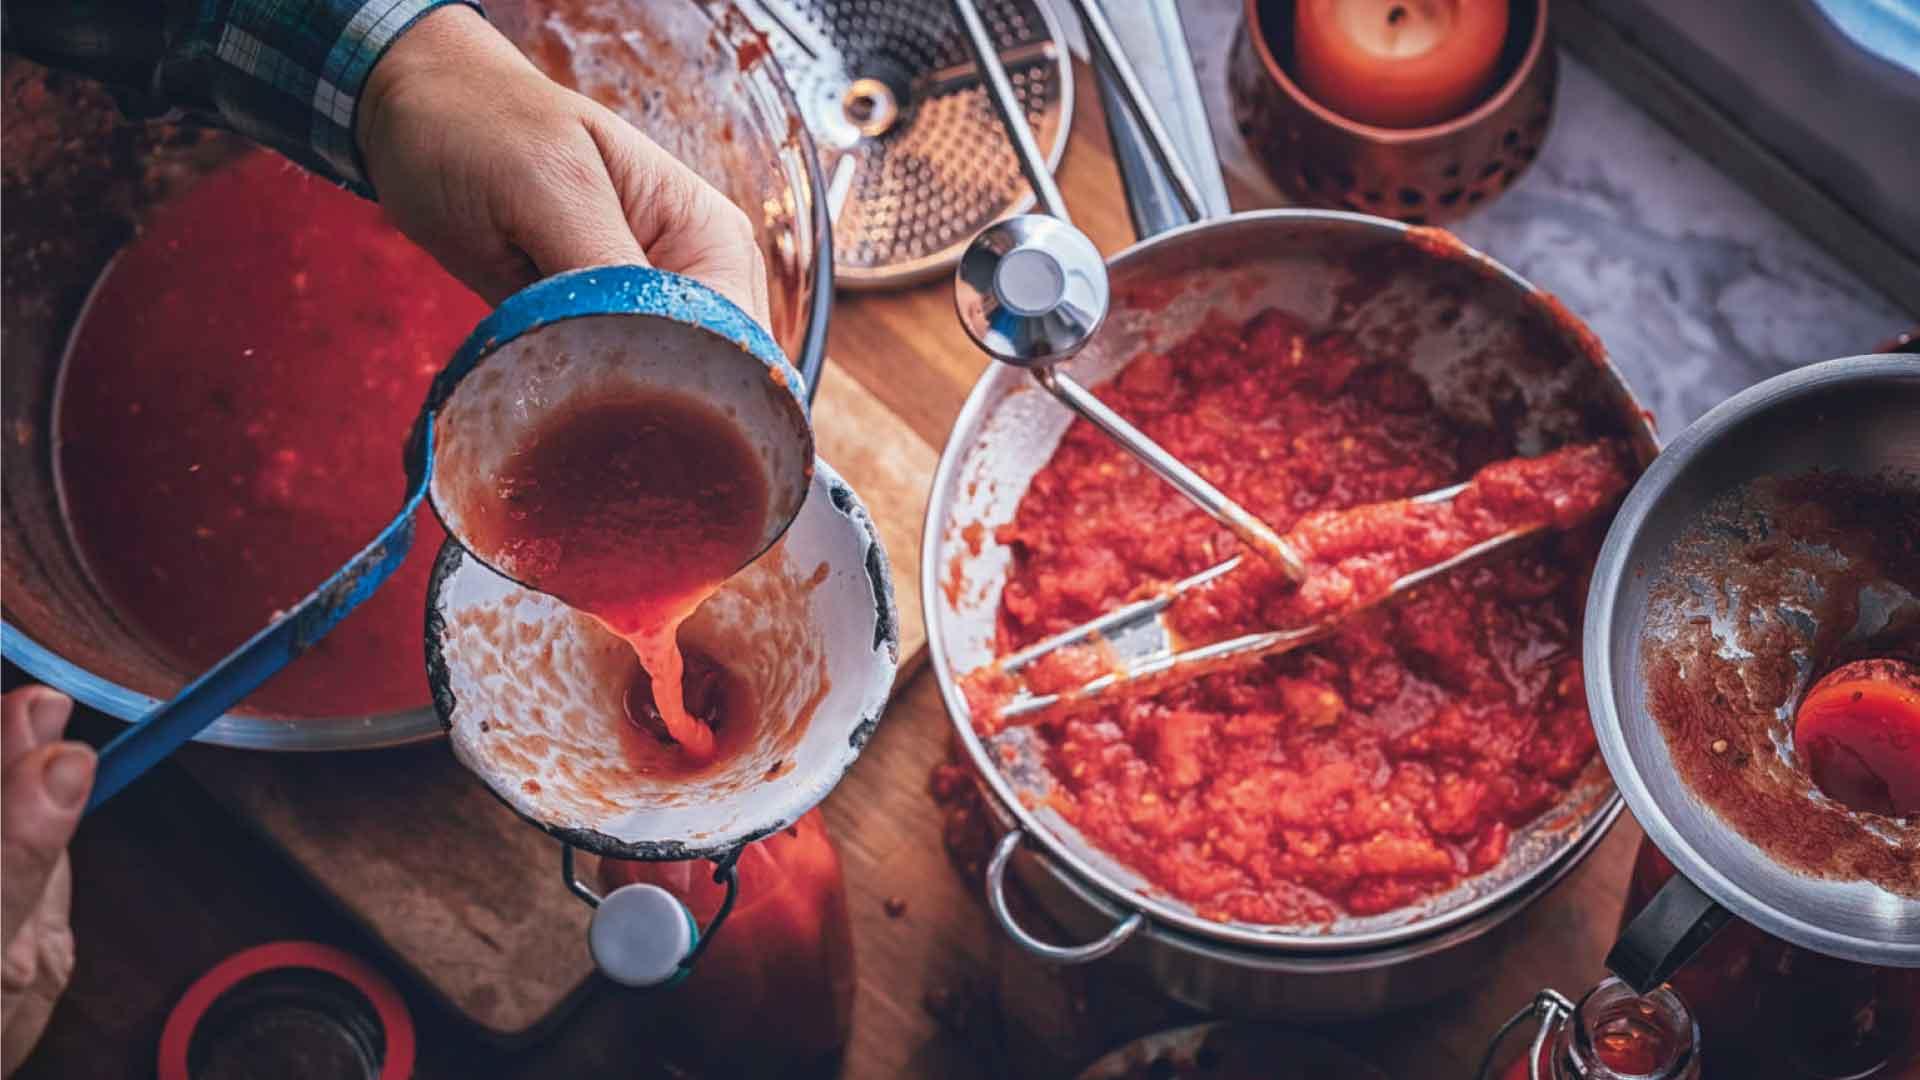 Passata di pomodo cosa scegliere - Tomato puree what to choose